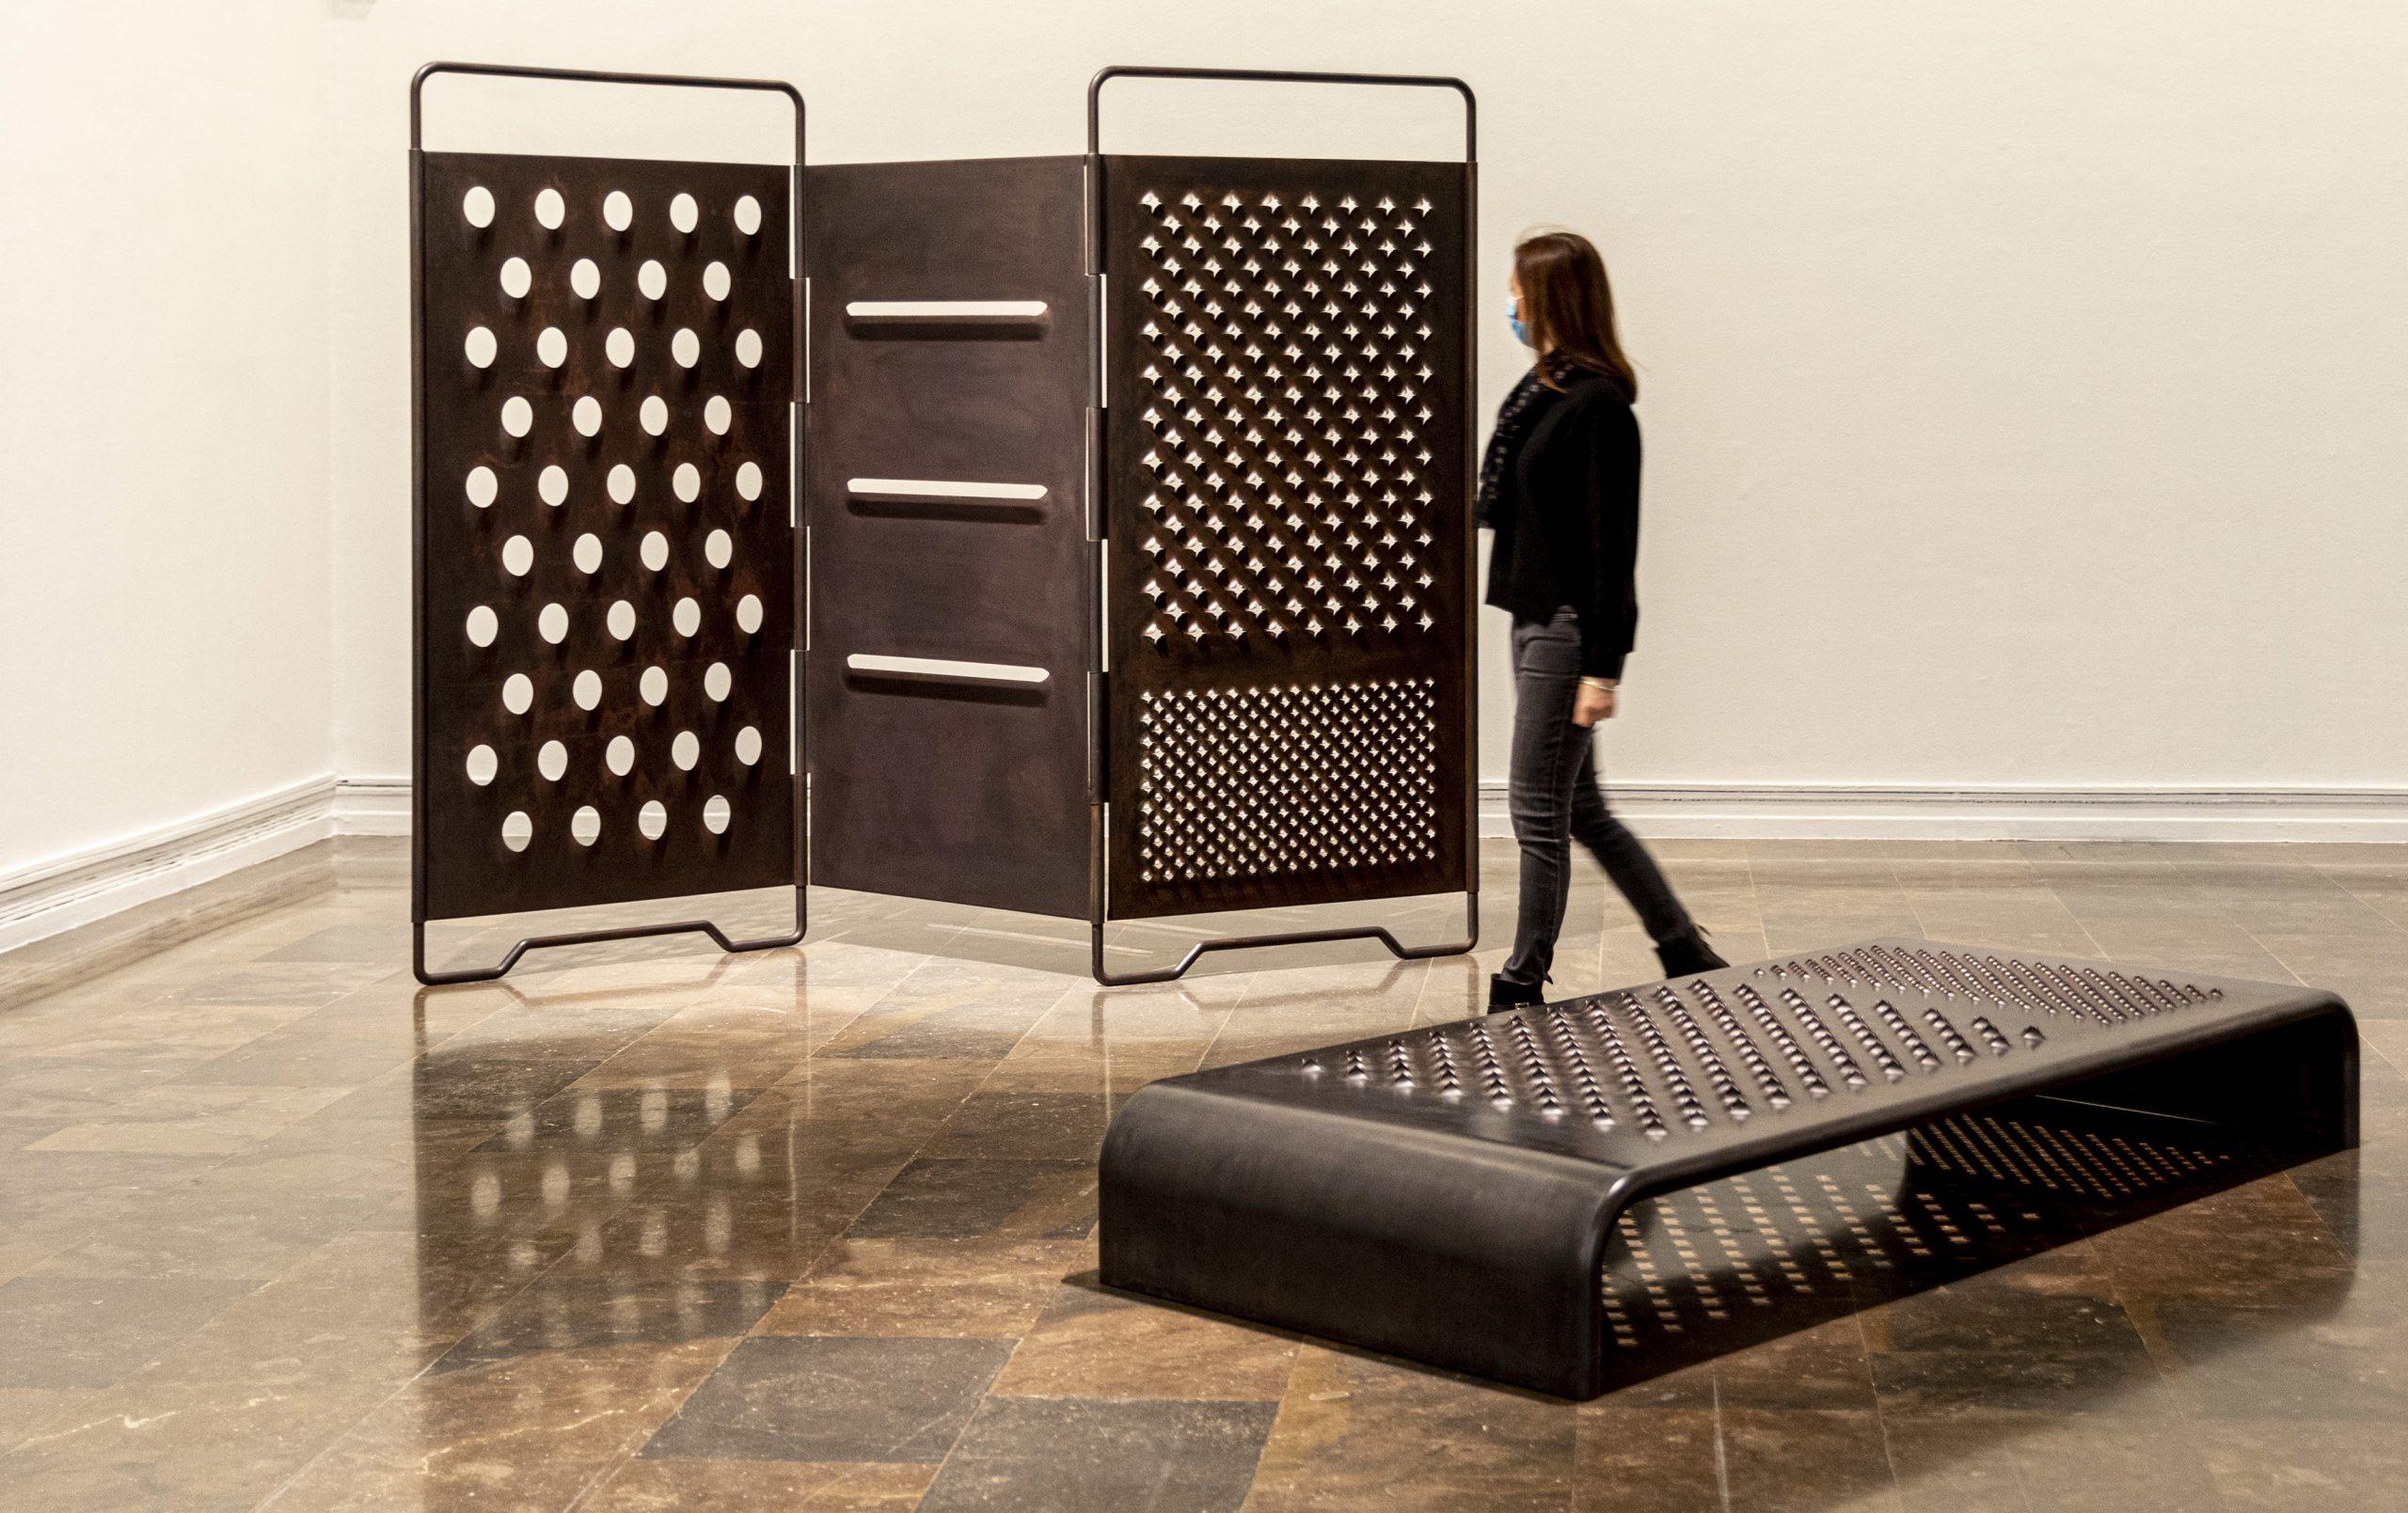 El IVAM presenta la exposición 'Mona Hatoum'. 'Paravent', 2008, y 'Daybed', 2008. Fotografía: Miguel Lorenzo.